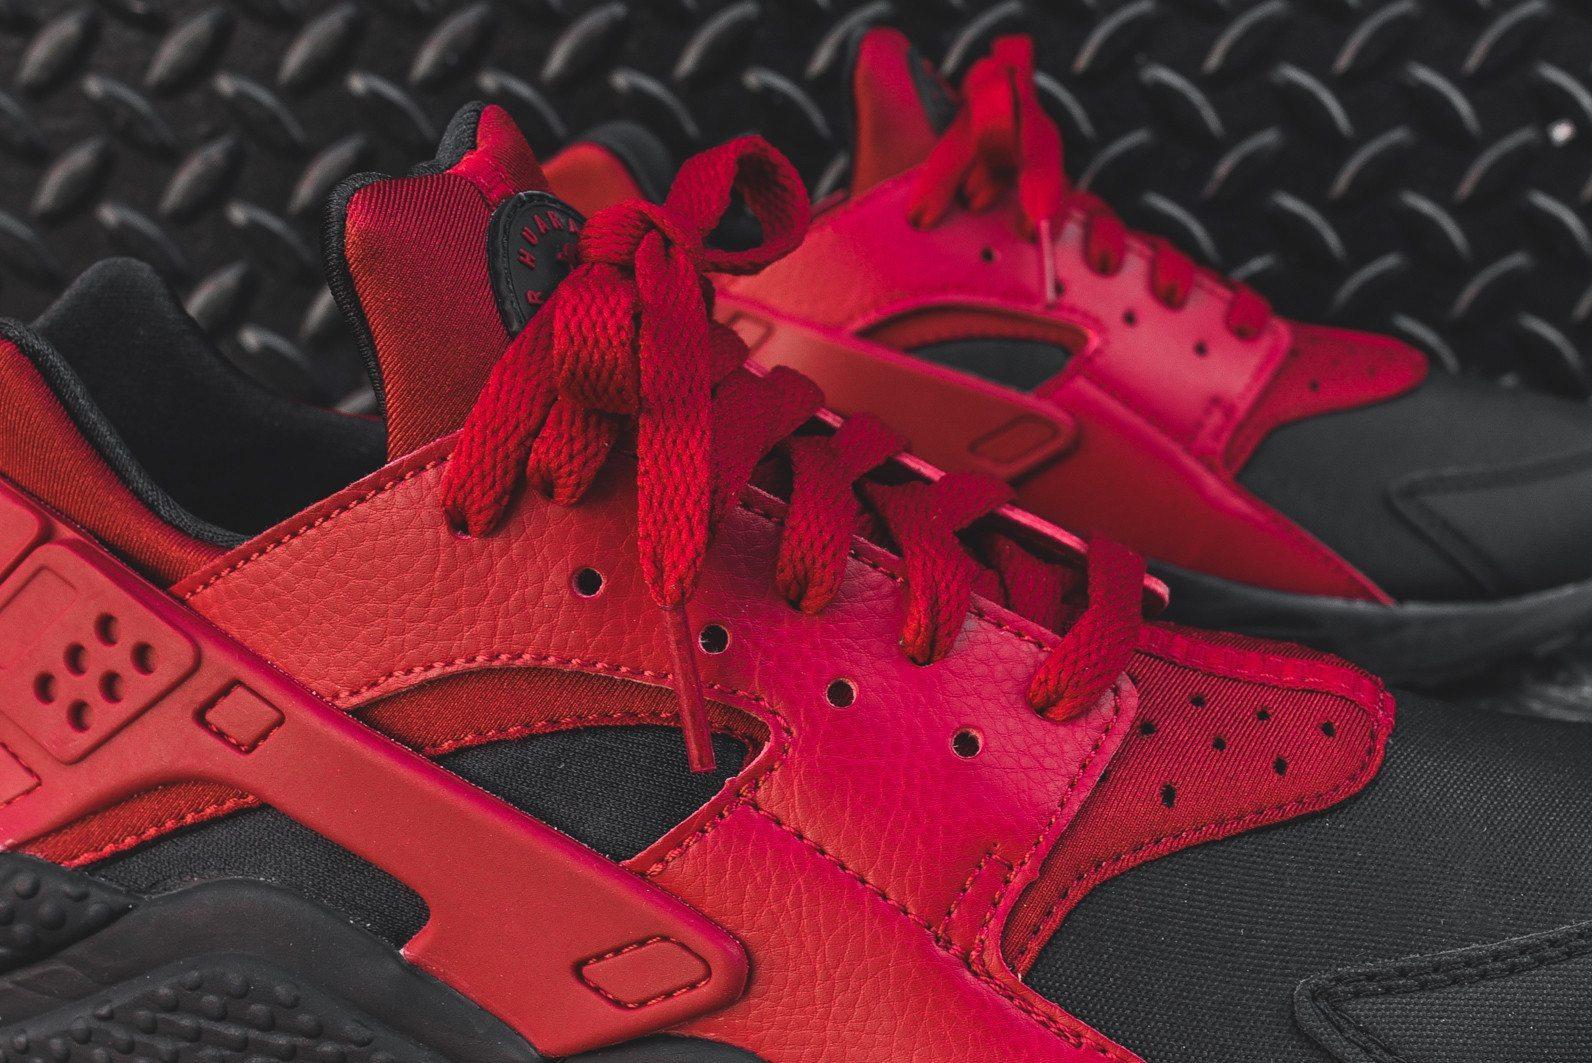 Nike Air Huarache Run PRM Black Gym Red 8